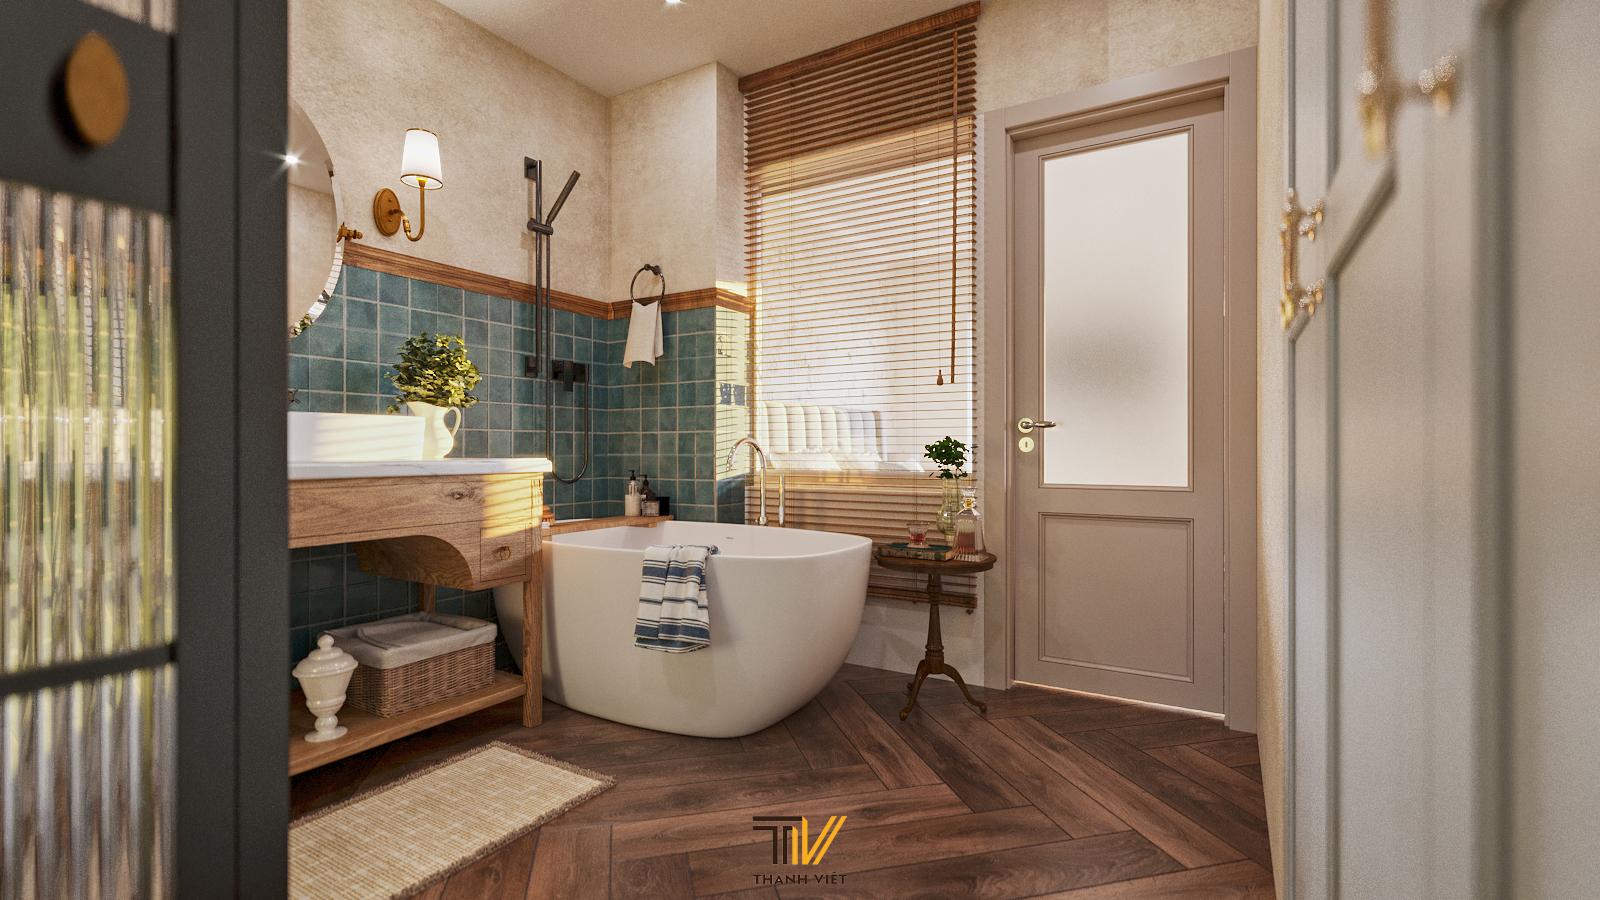 Thiết kế nội thất Chung Cư tại Hà Nội Vintage Farmhouse - Golden Westlake 1626853867 9